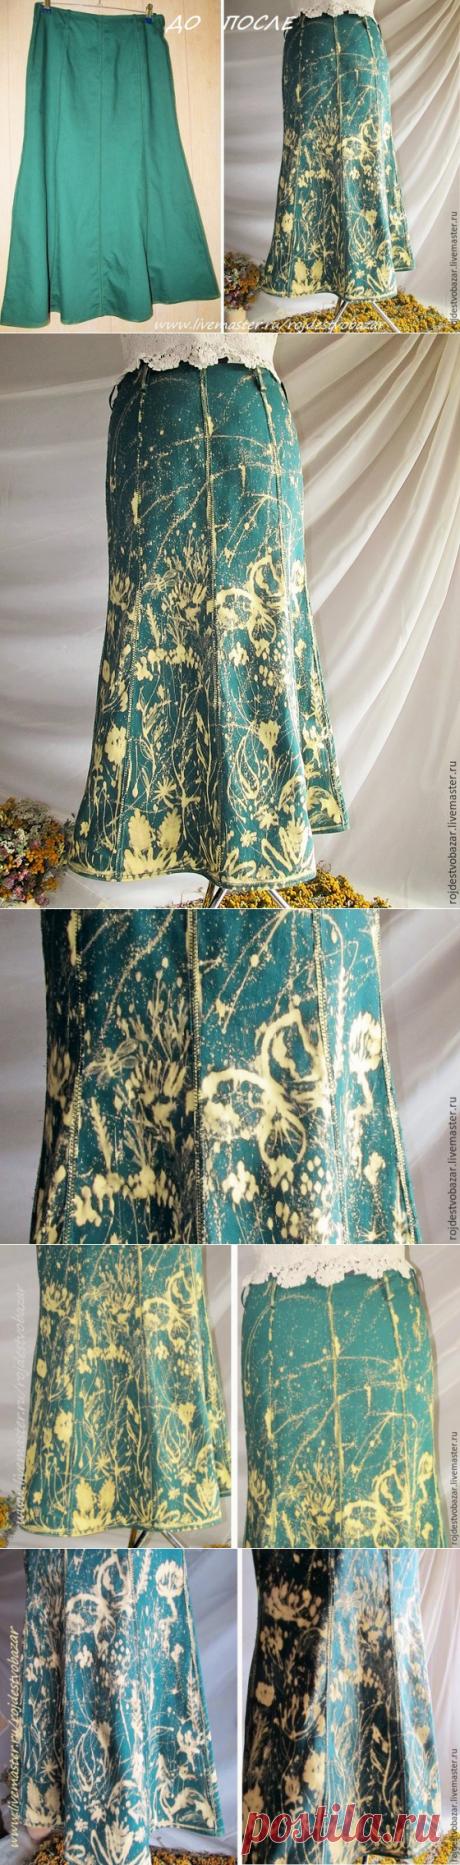 Pintamos la falda por la blancura de la jeringa